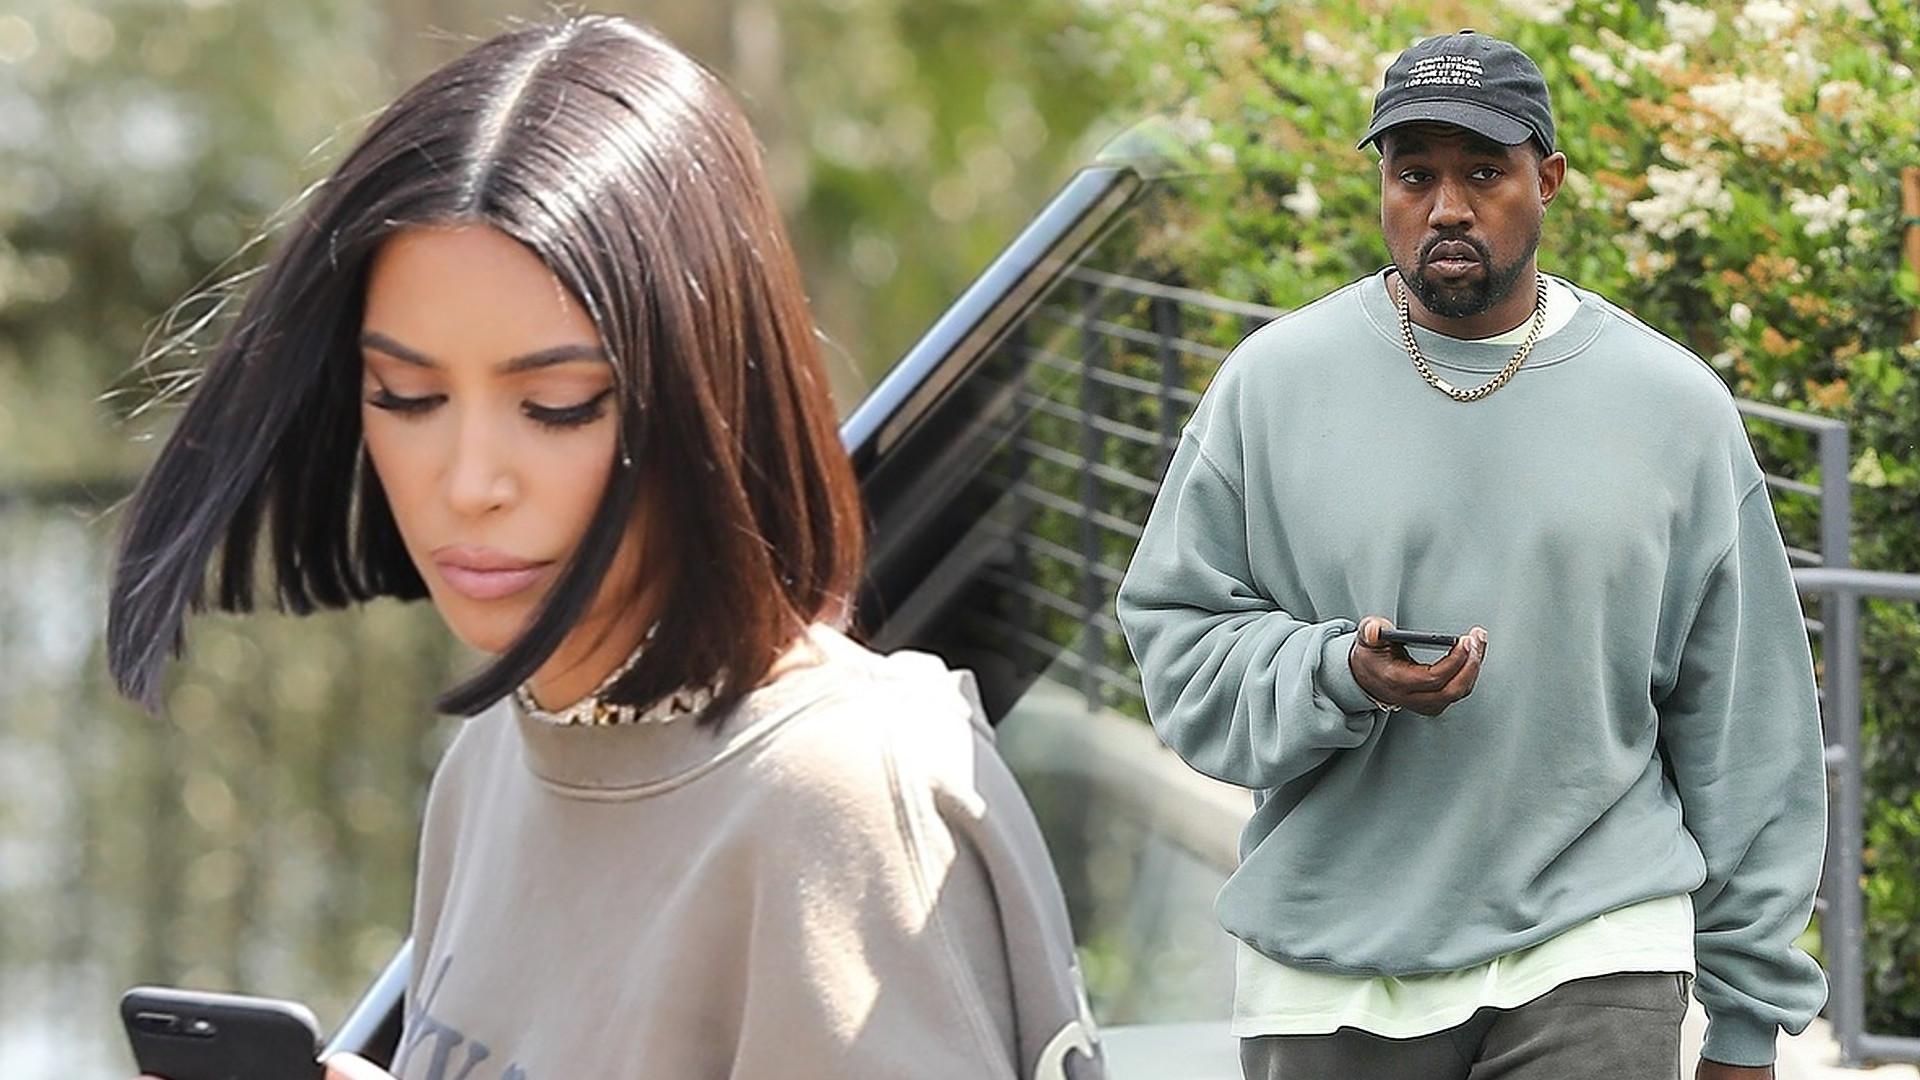 Kim Kardashian zdradziła Kanye Westa? Raper, z którym miała mieć romans, zabrał GŁOS